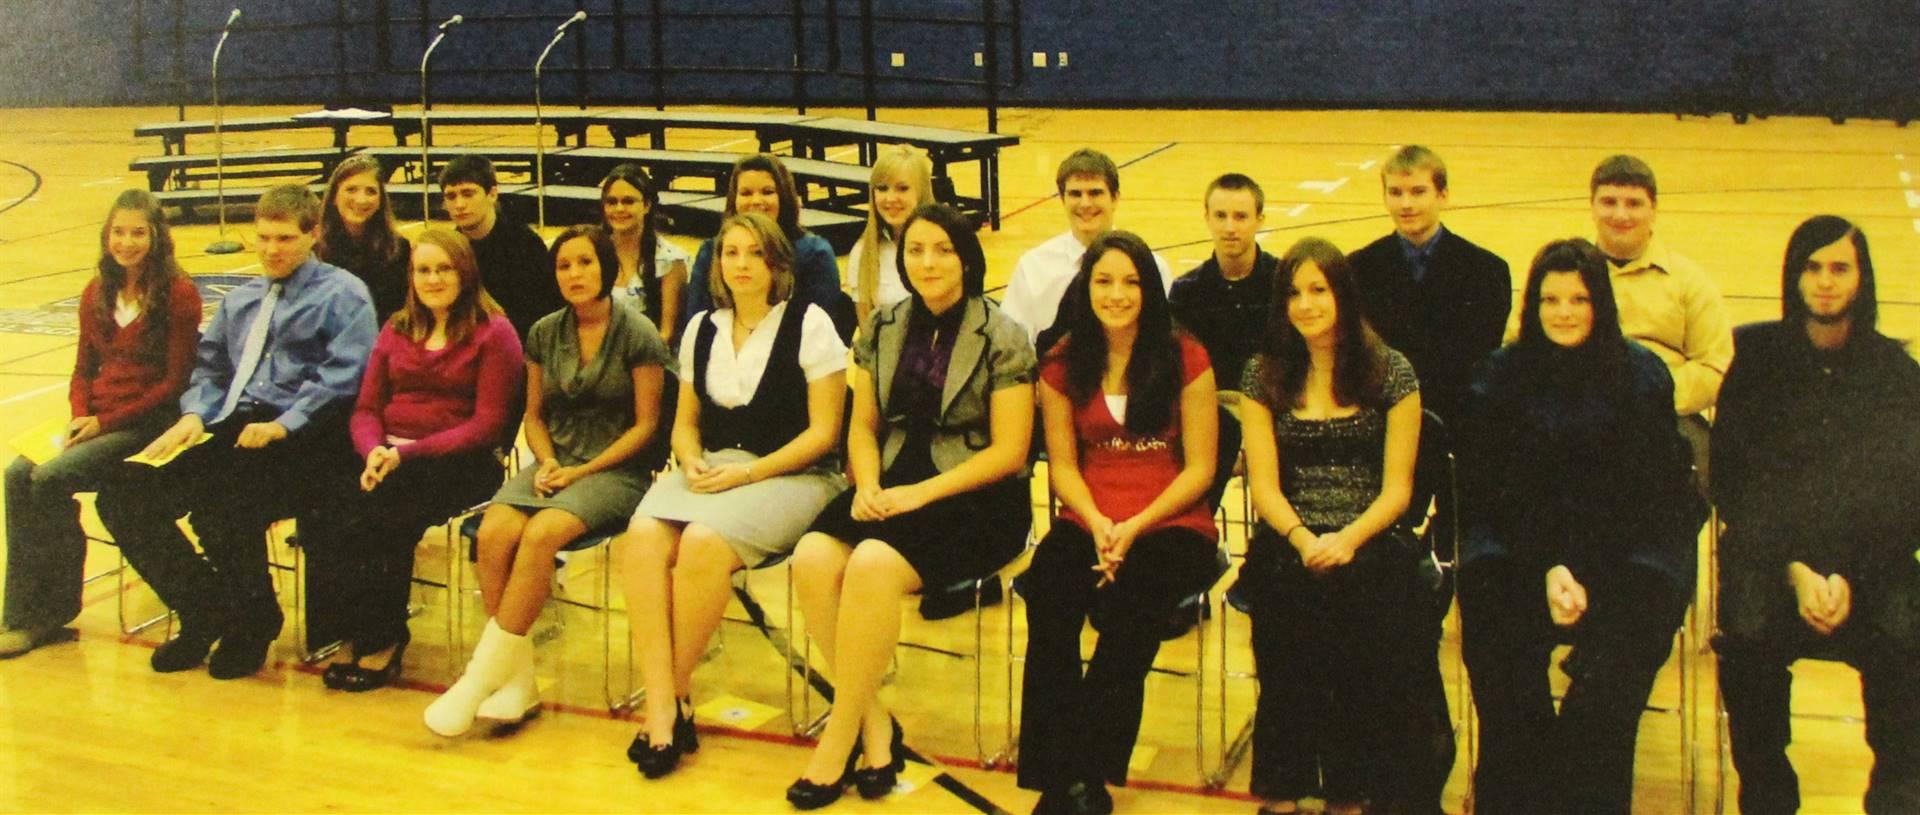 2009 NHS New members